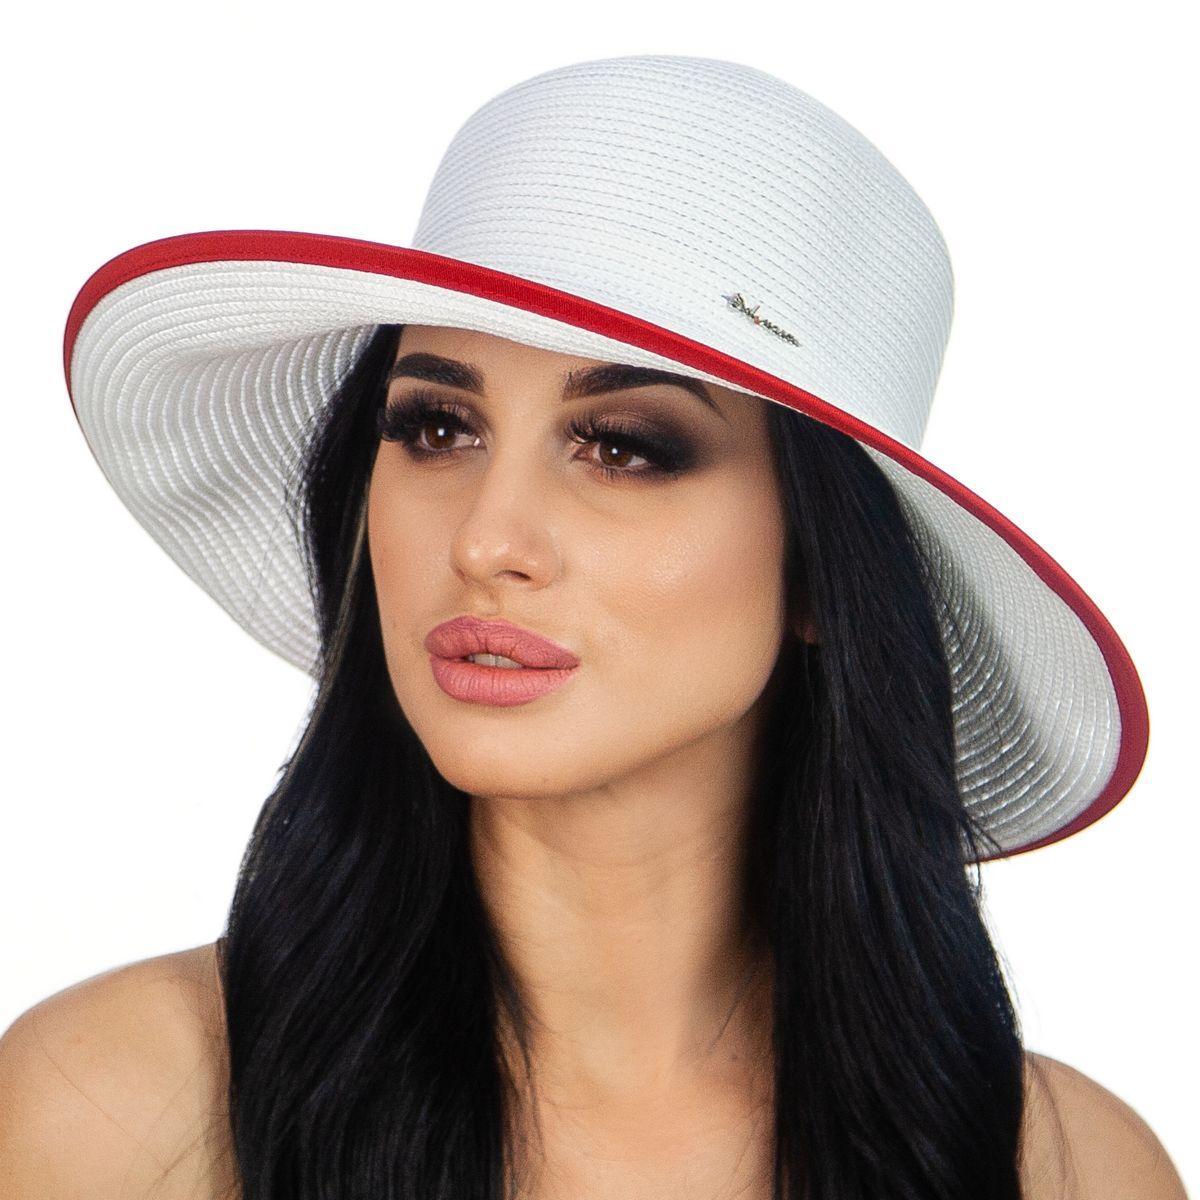 Біла жіноча капелюх середні поля з червоною окантовкою